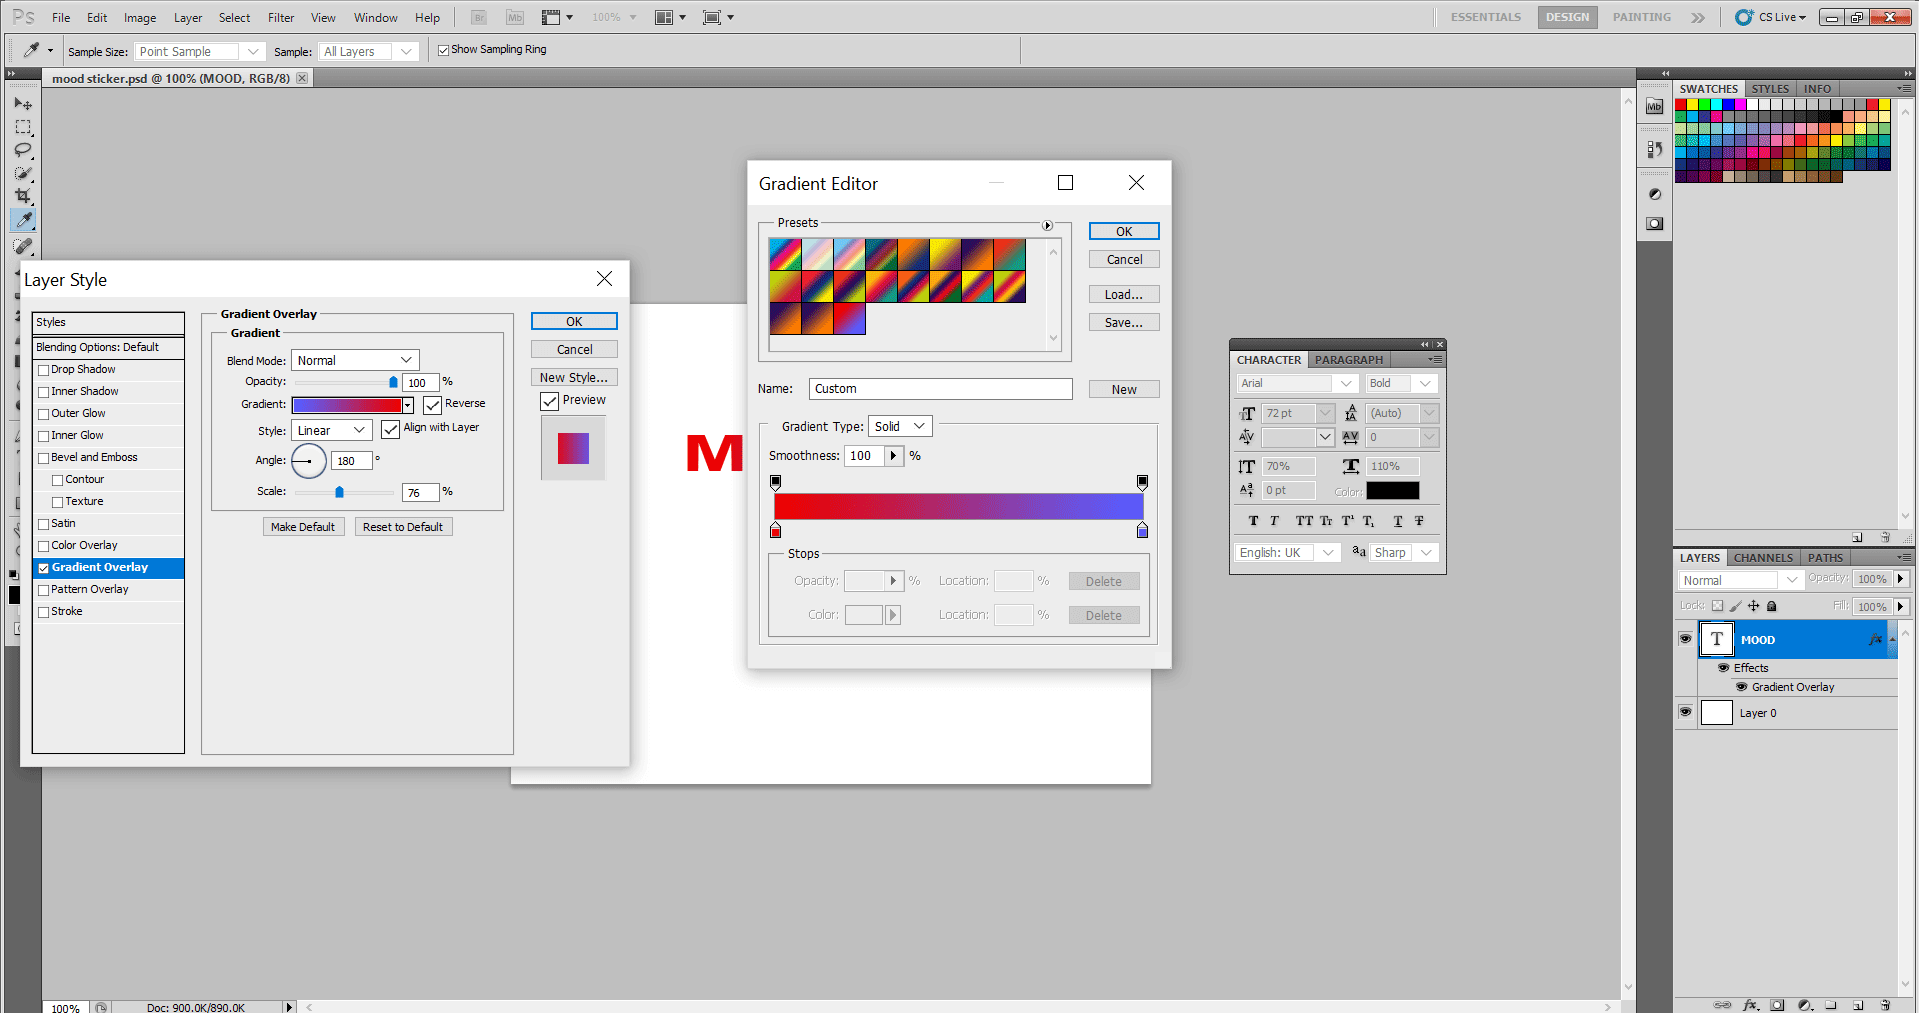 Adding Mood Sticker in Photoshop 9